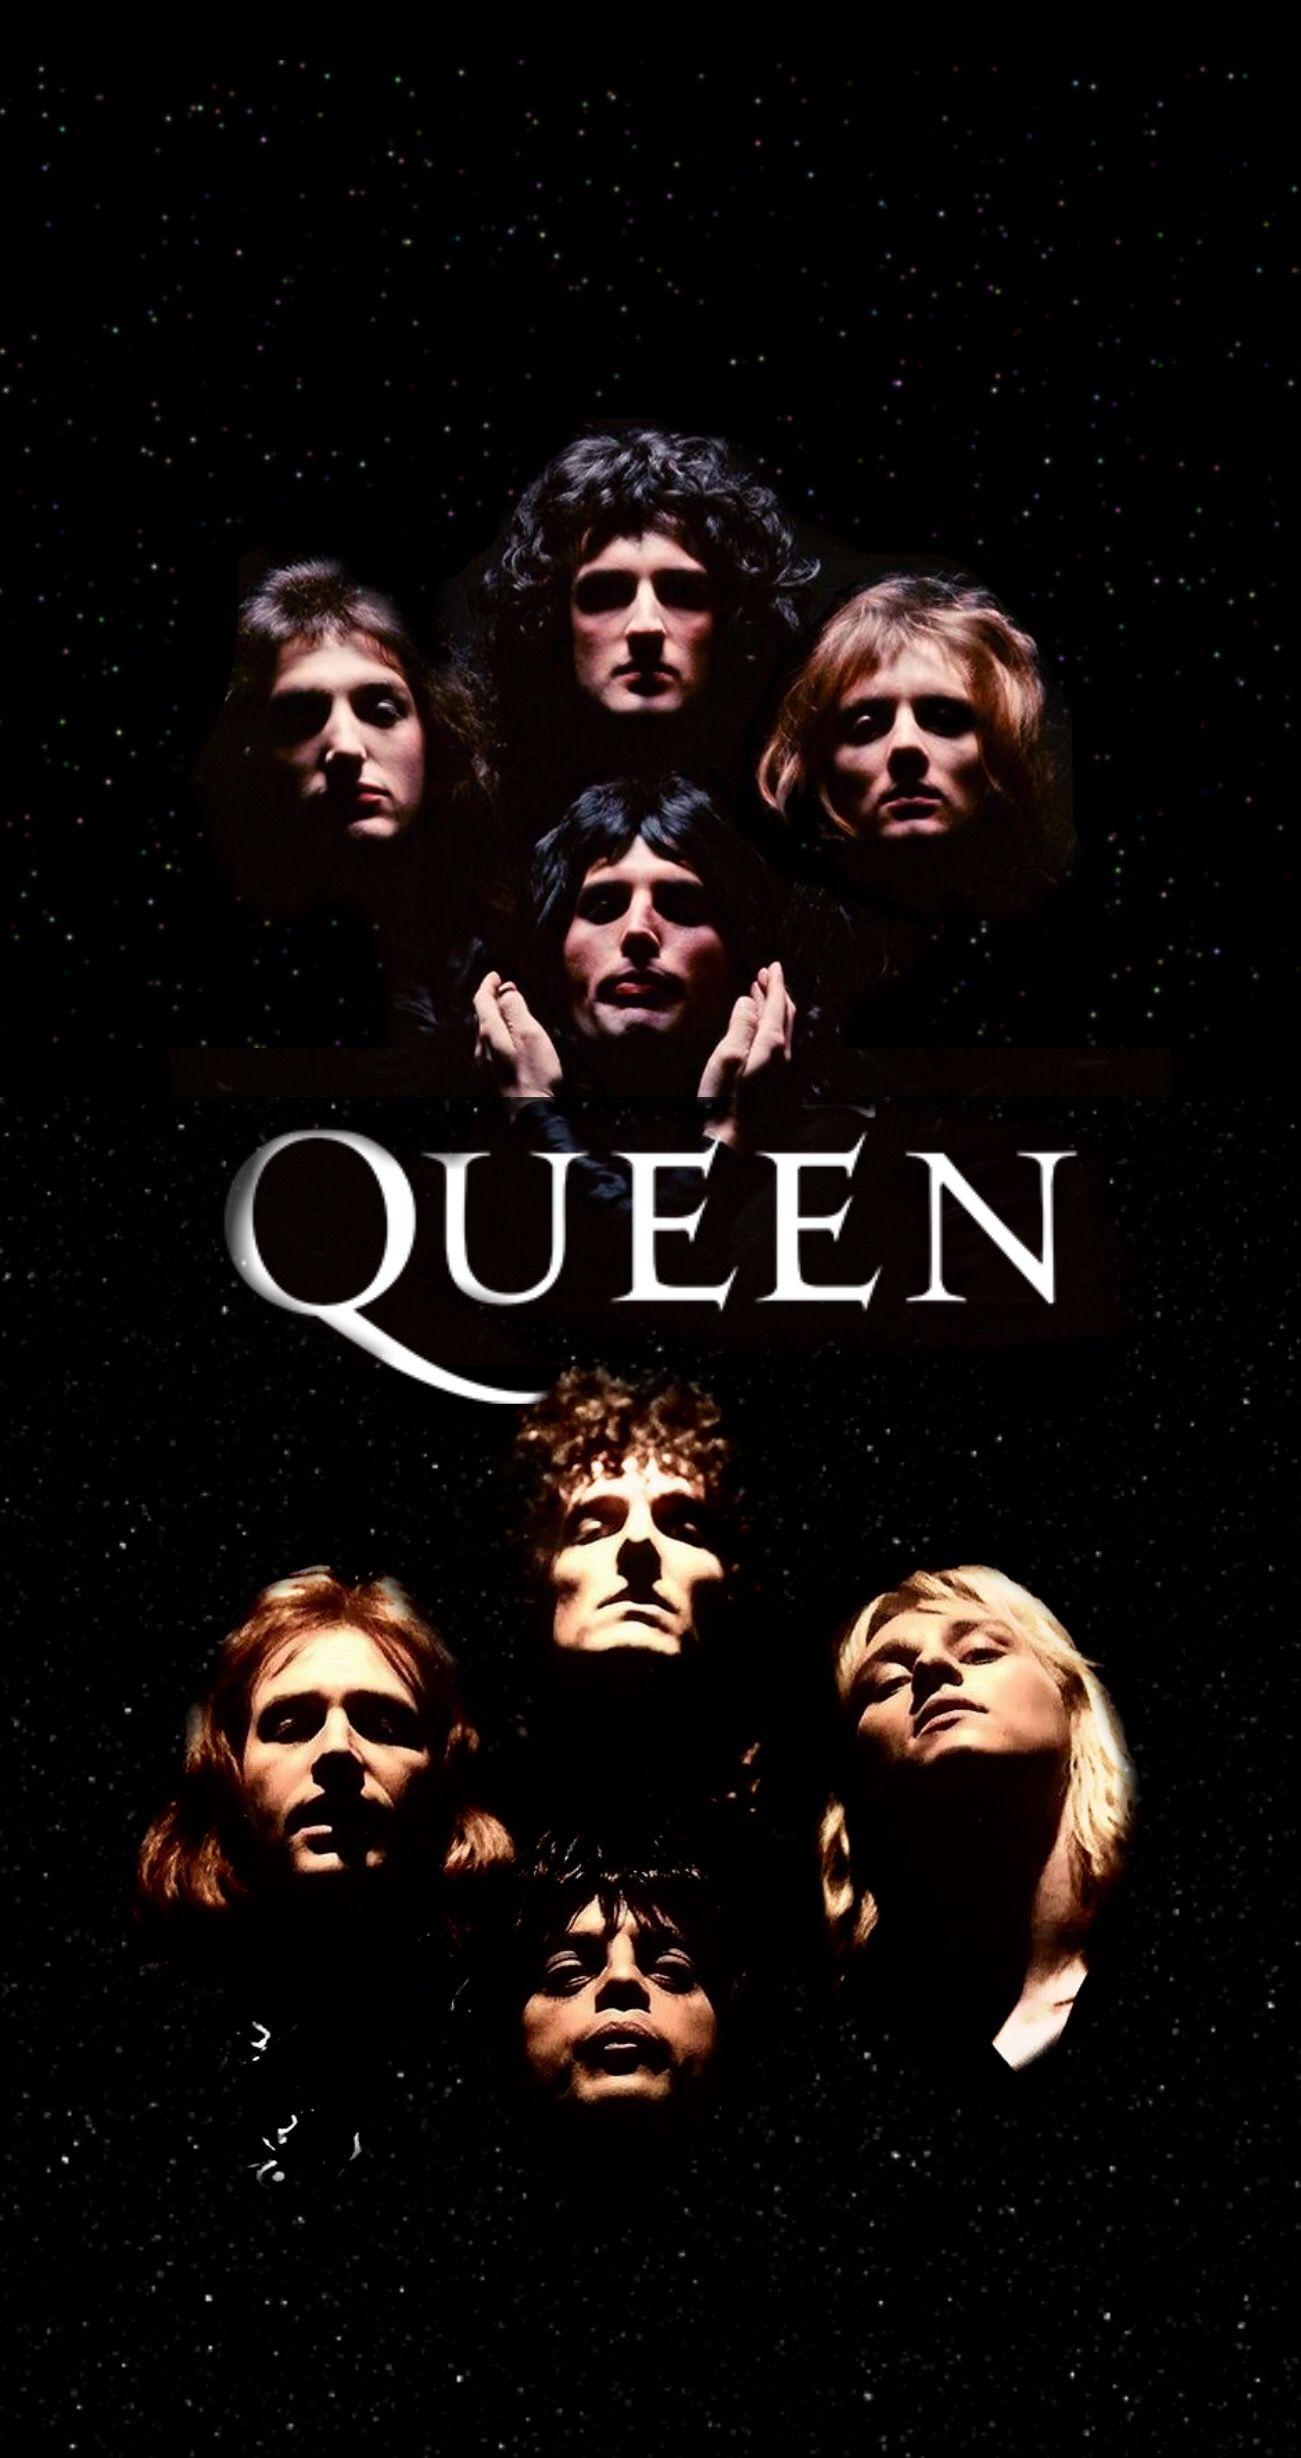 Pin By Coisy On Bohemian Rhapsody In 2020 Queen Love Bohemian Rhapsody Queen Band